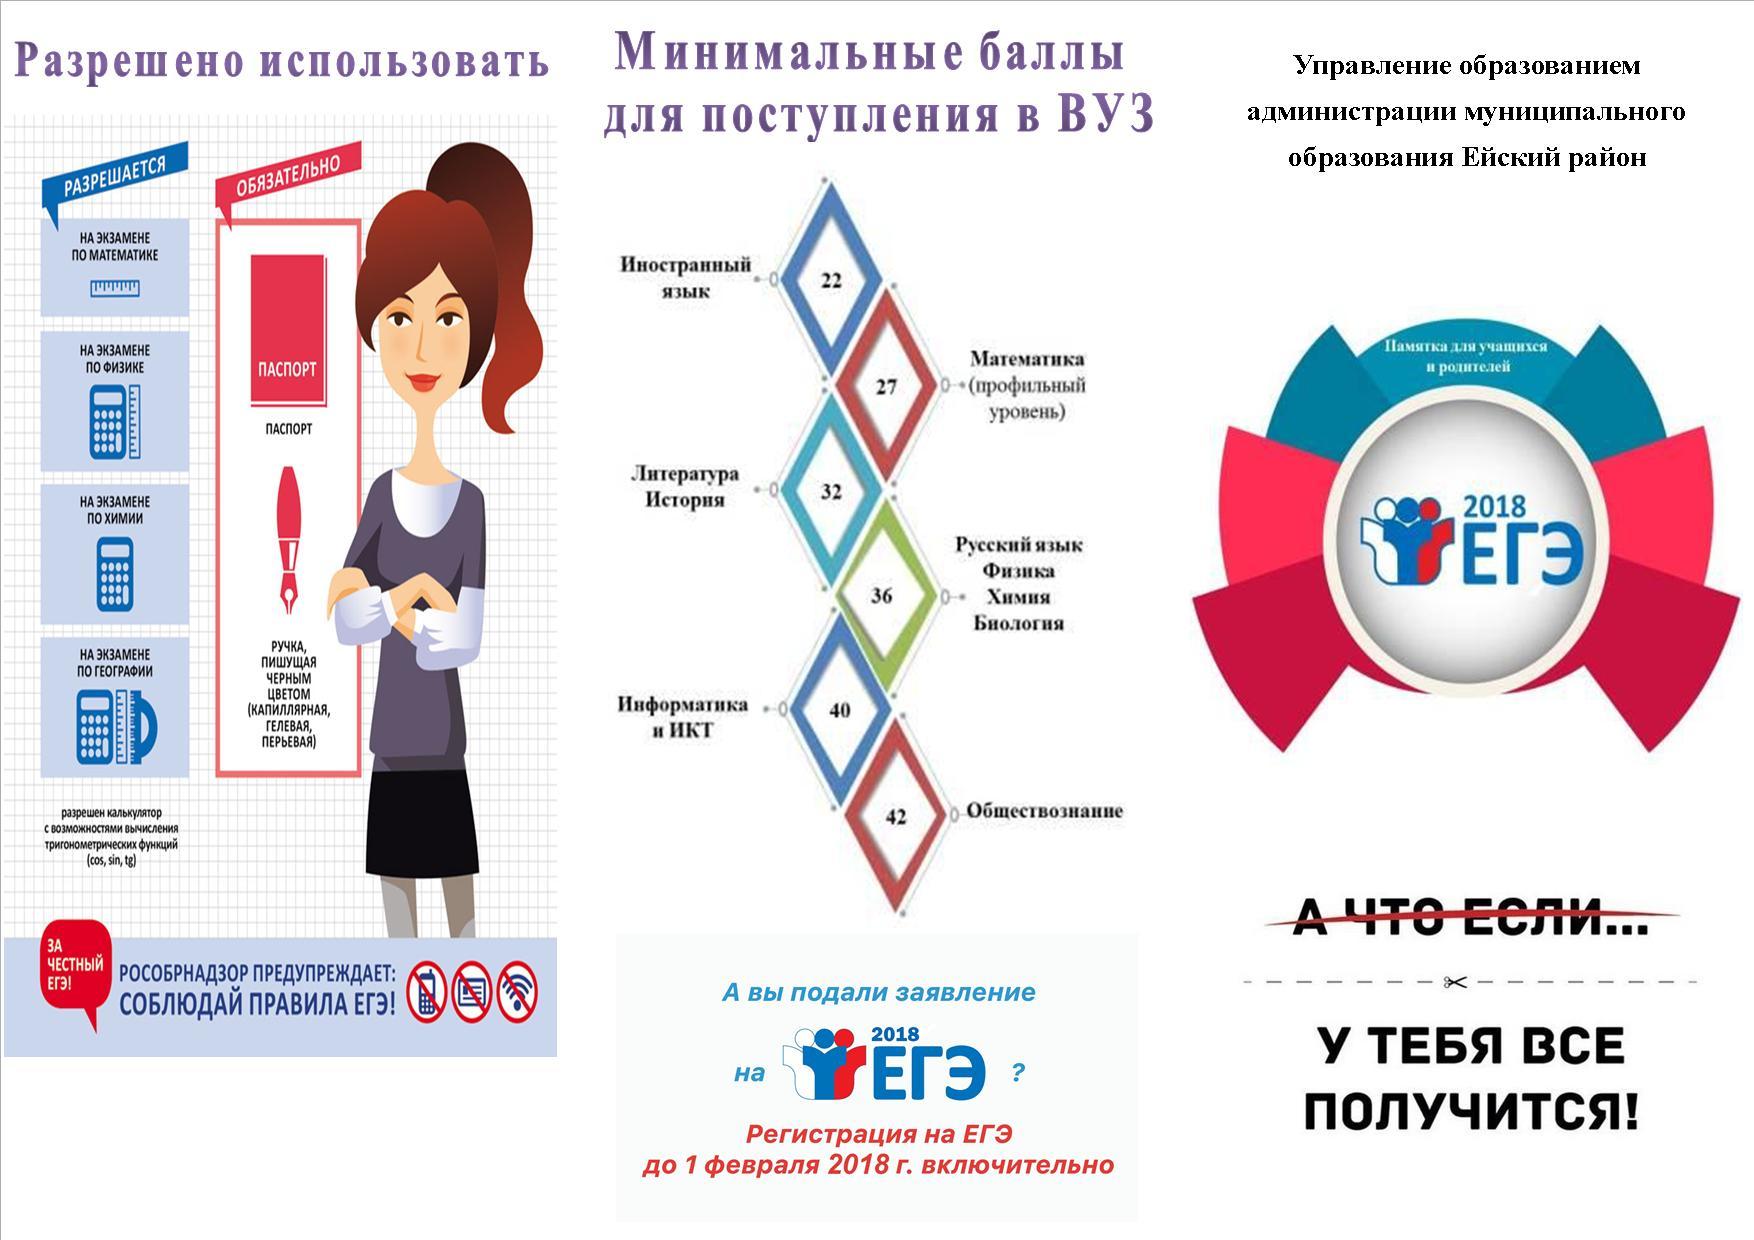 Подготовка к ЕГЭ по русскому языку: методика и технологии. Как 61